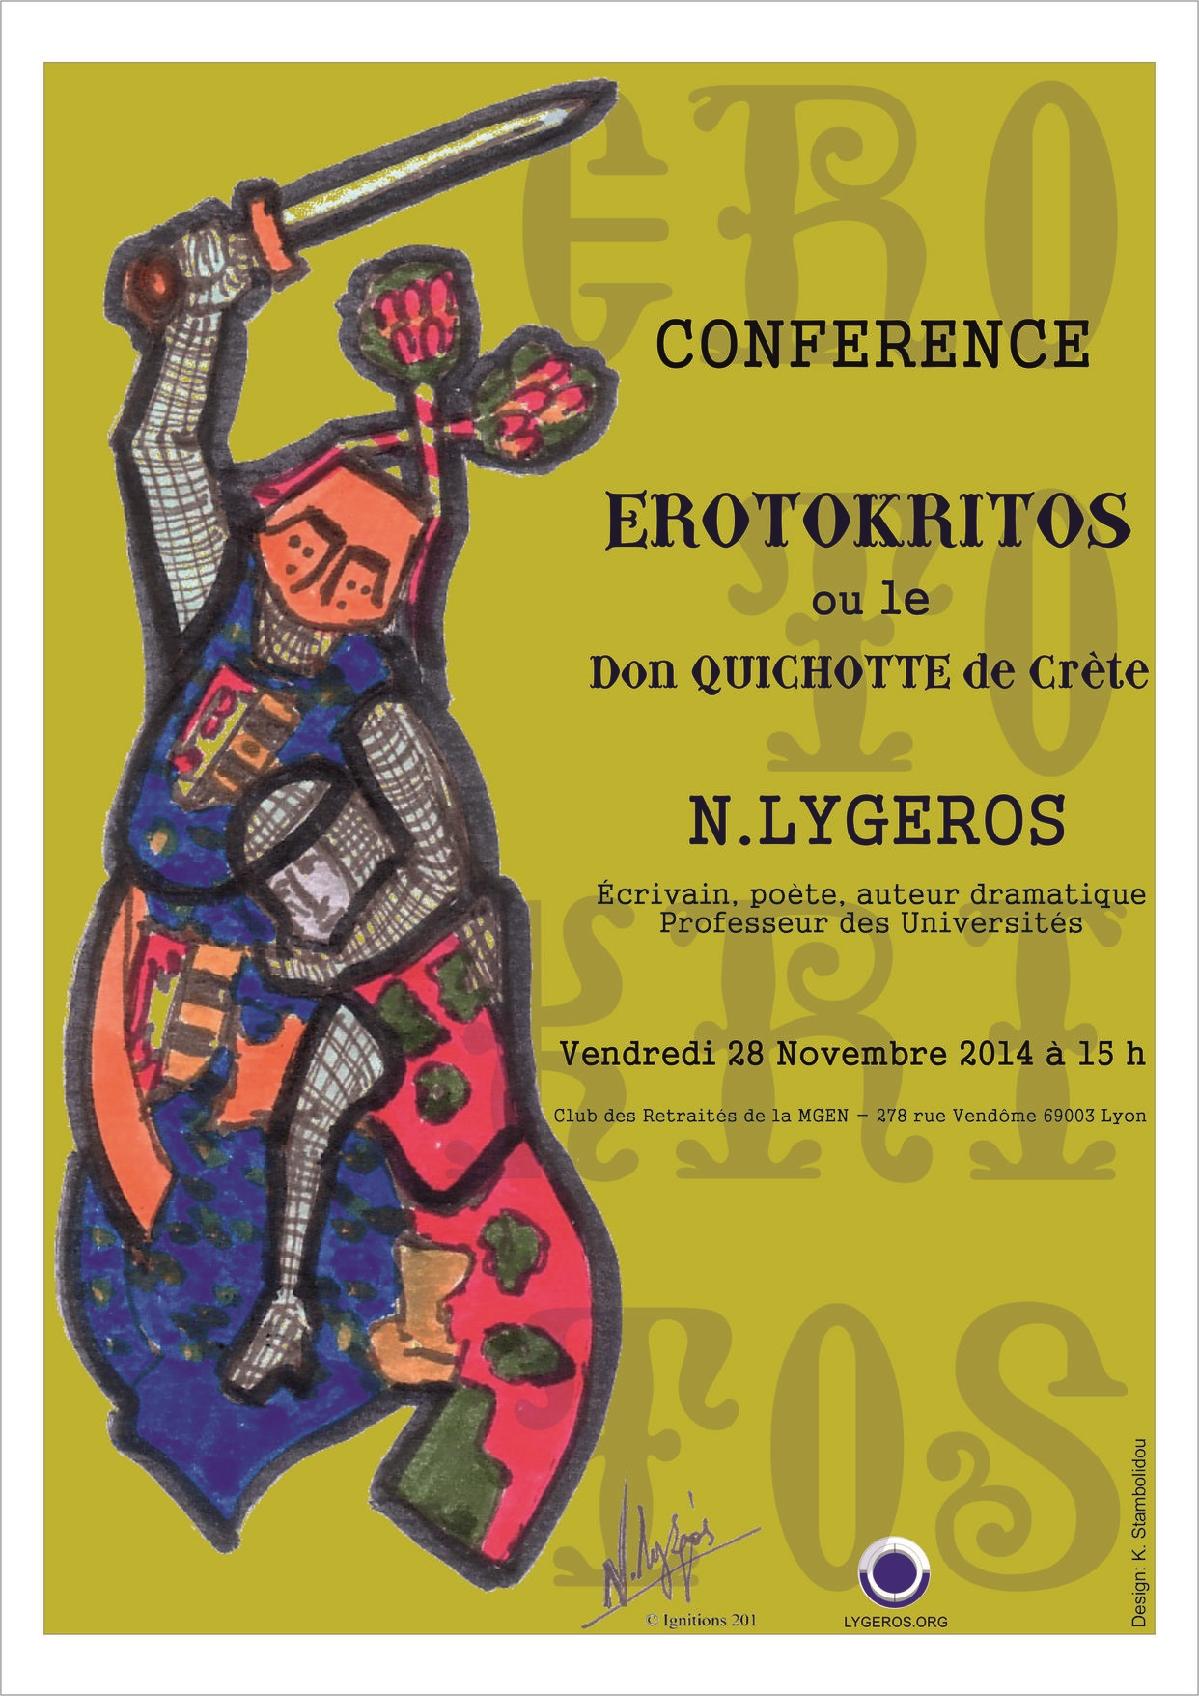 EROTOKRITOS ou le Don QUICHOTTE de Crète